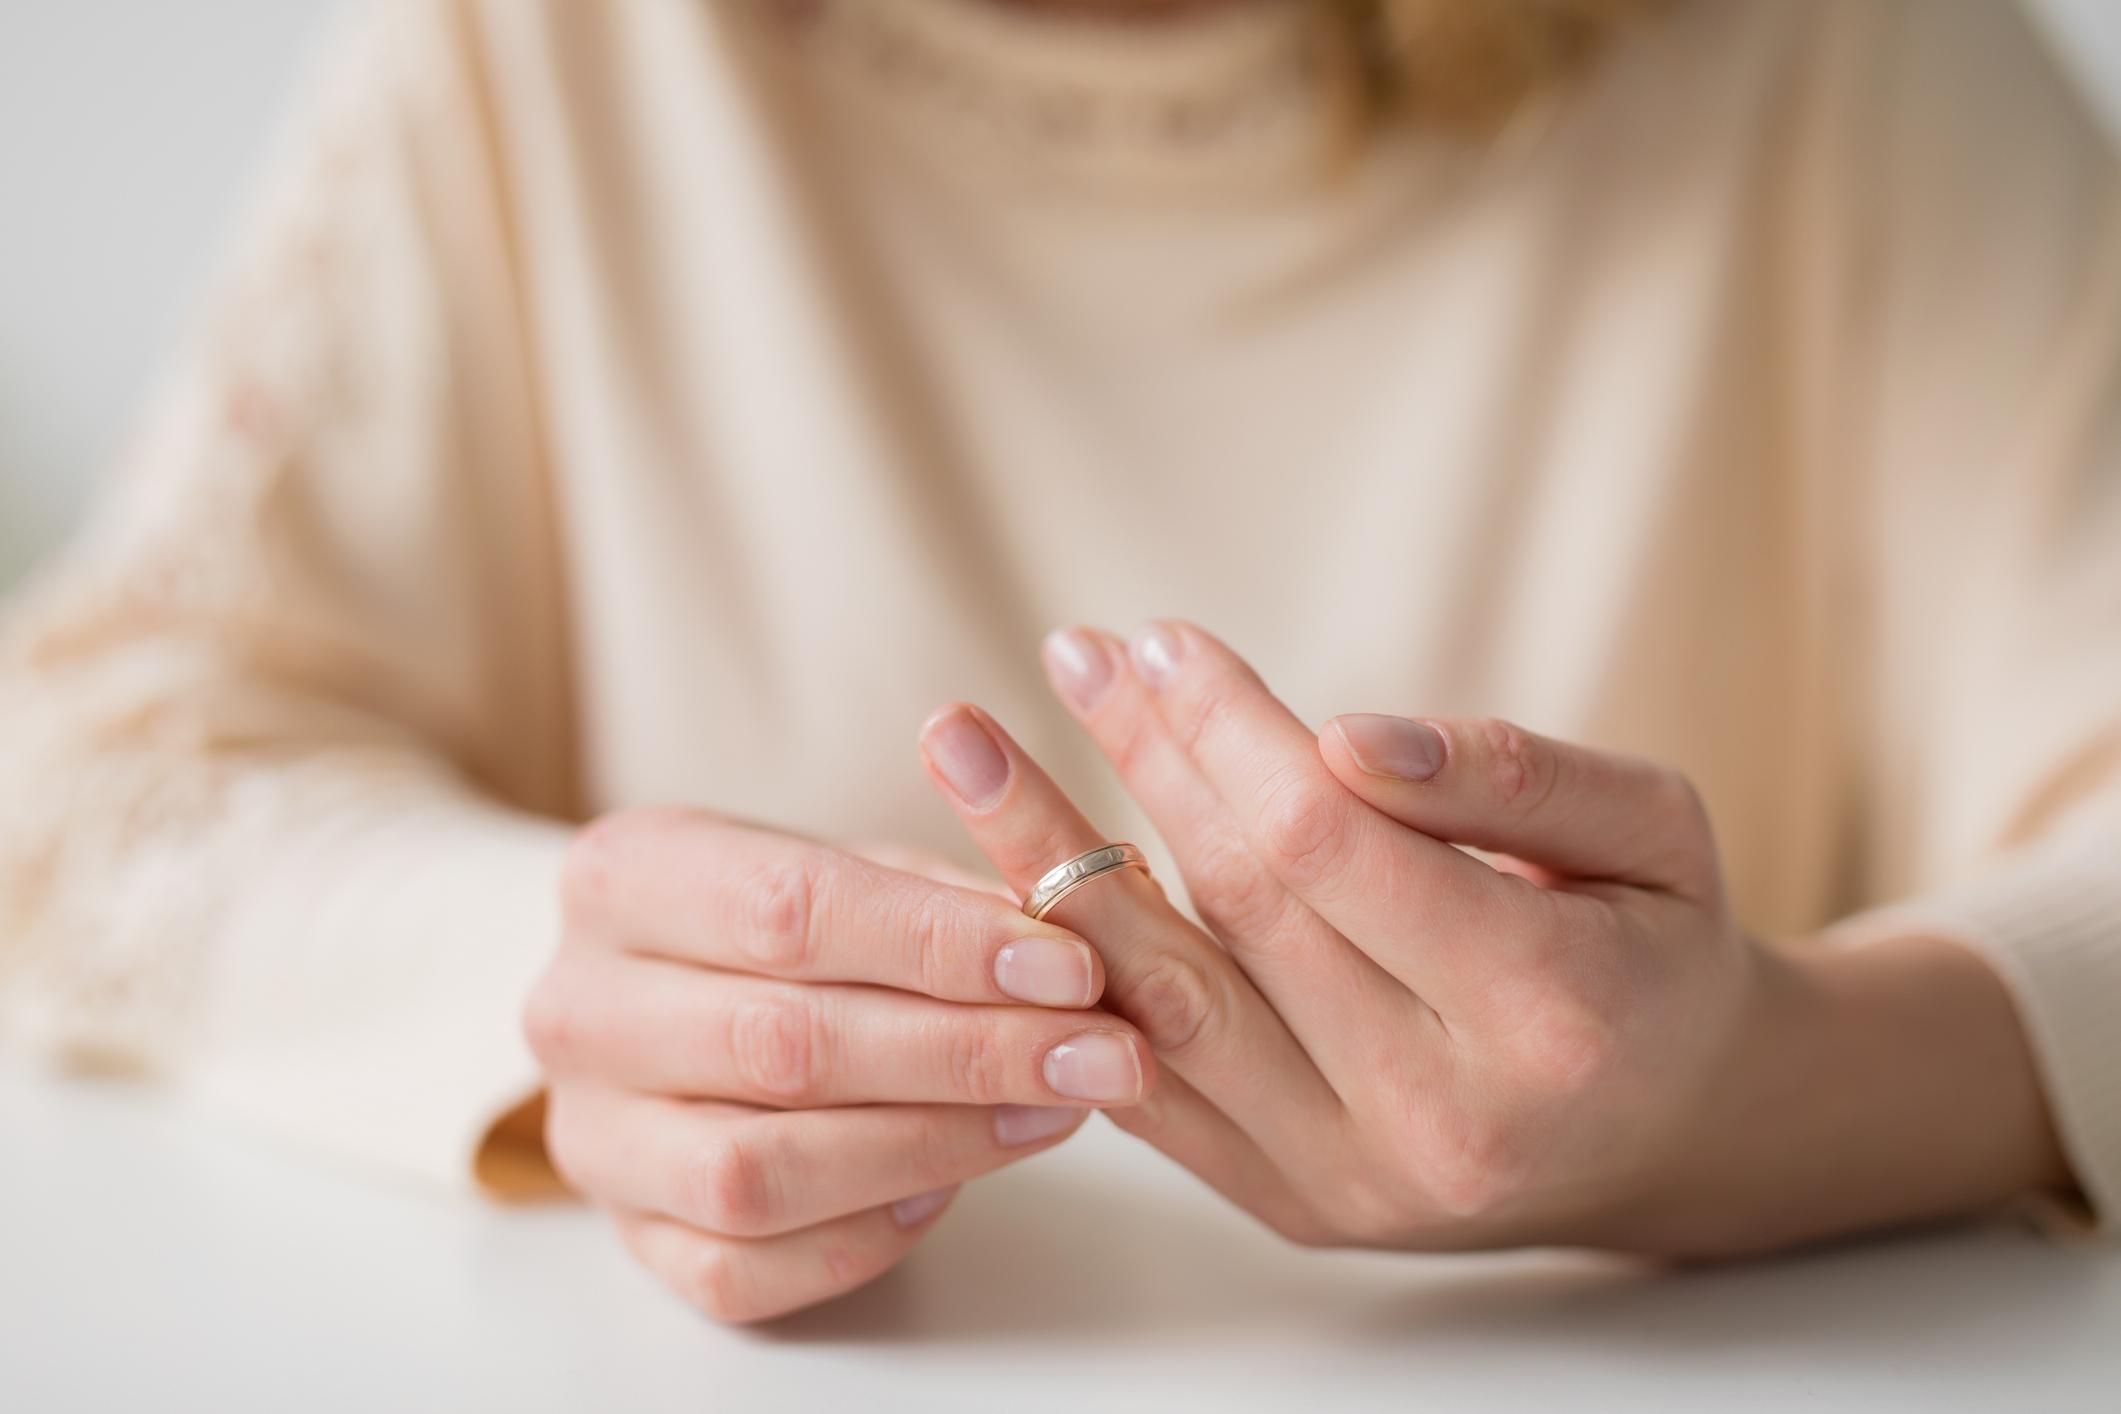 Δώστε προσοχή: Δέκα σημάδια που σας προειδοποιούν ότι ο γάμος σας μπορεί να καταλήξει σε διαζύγιο